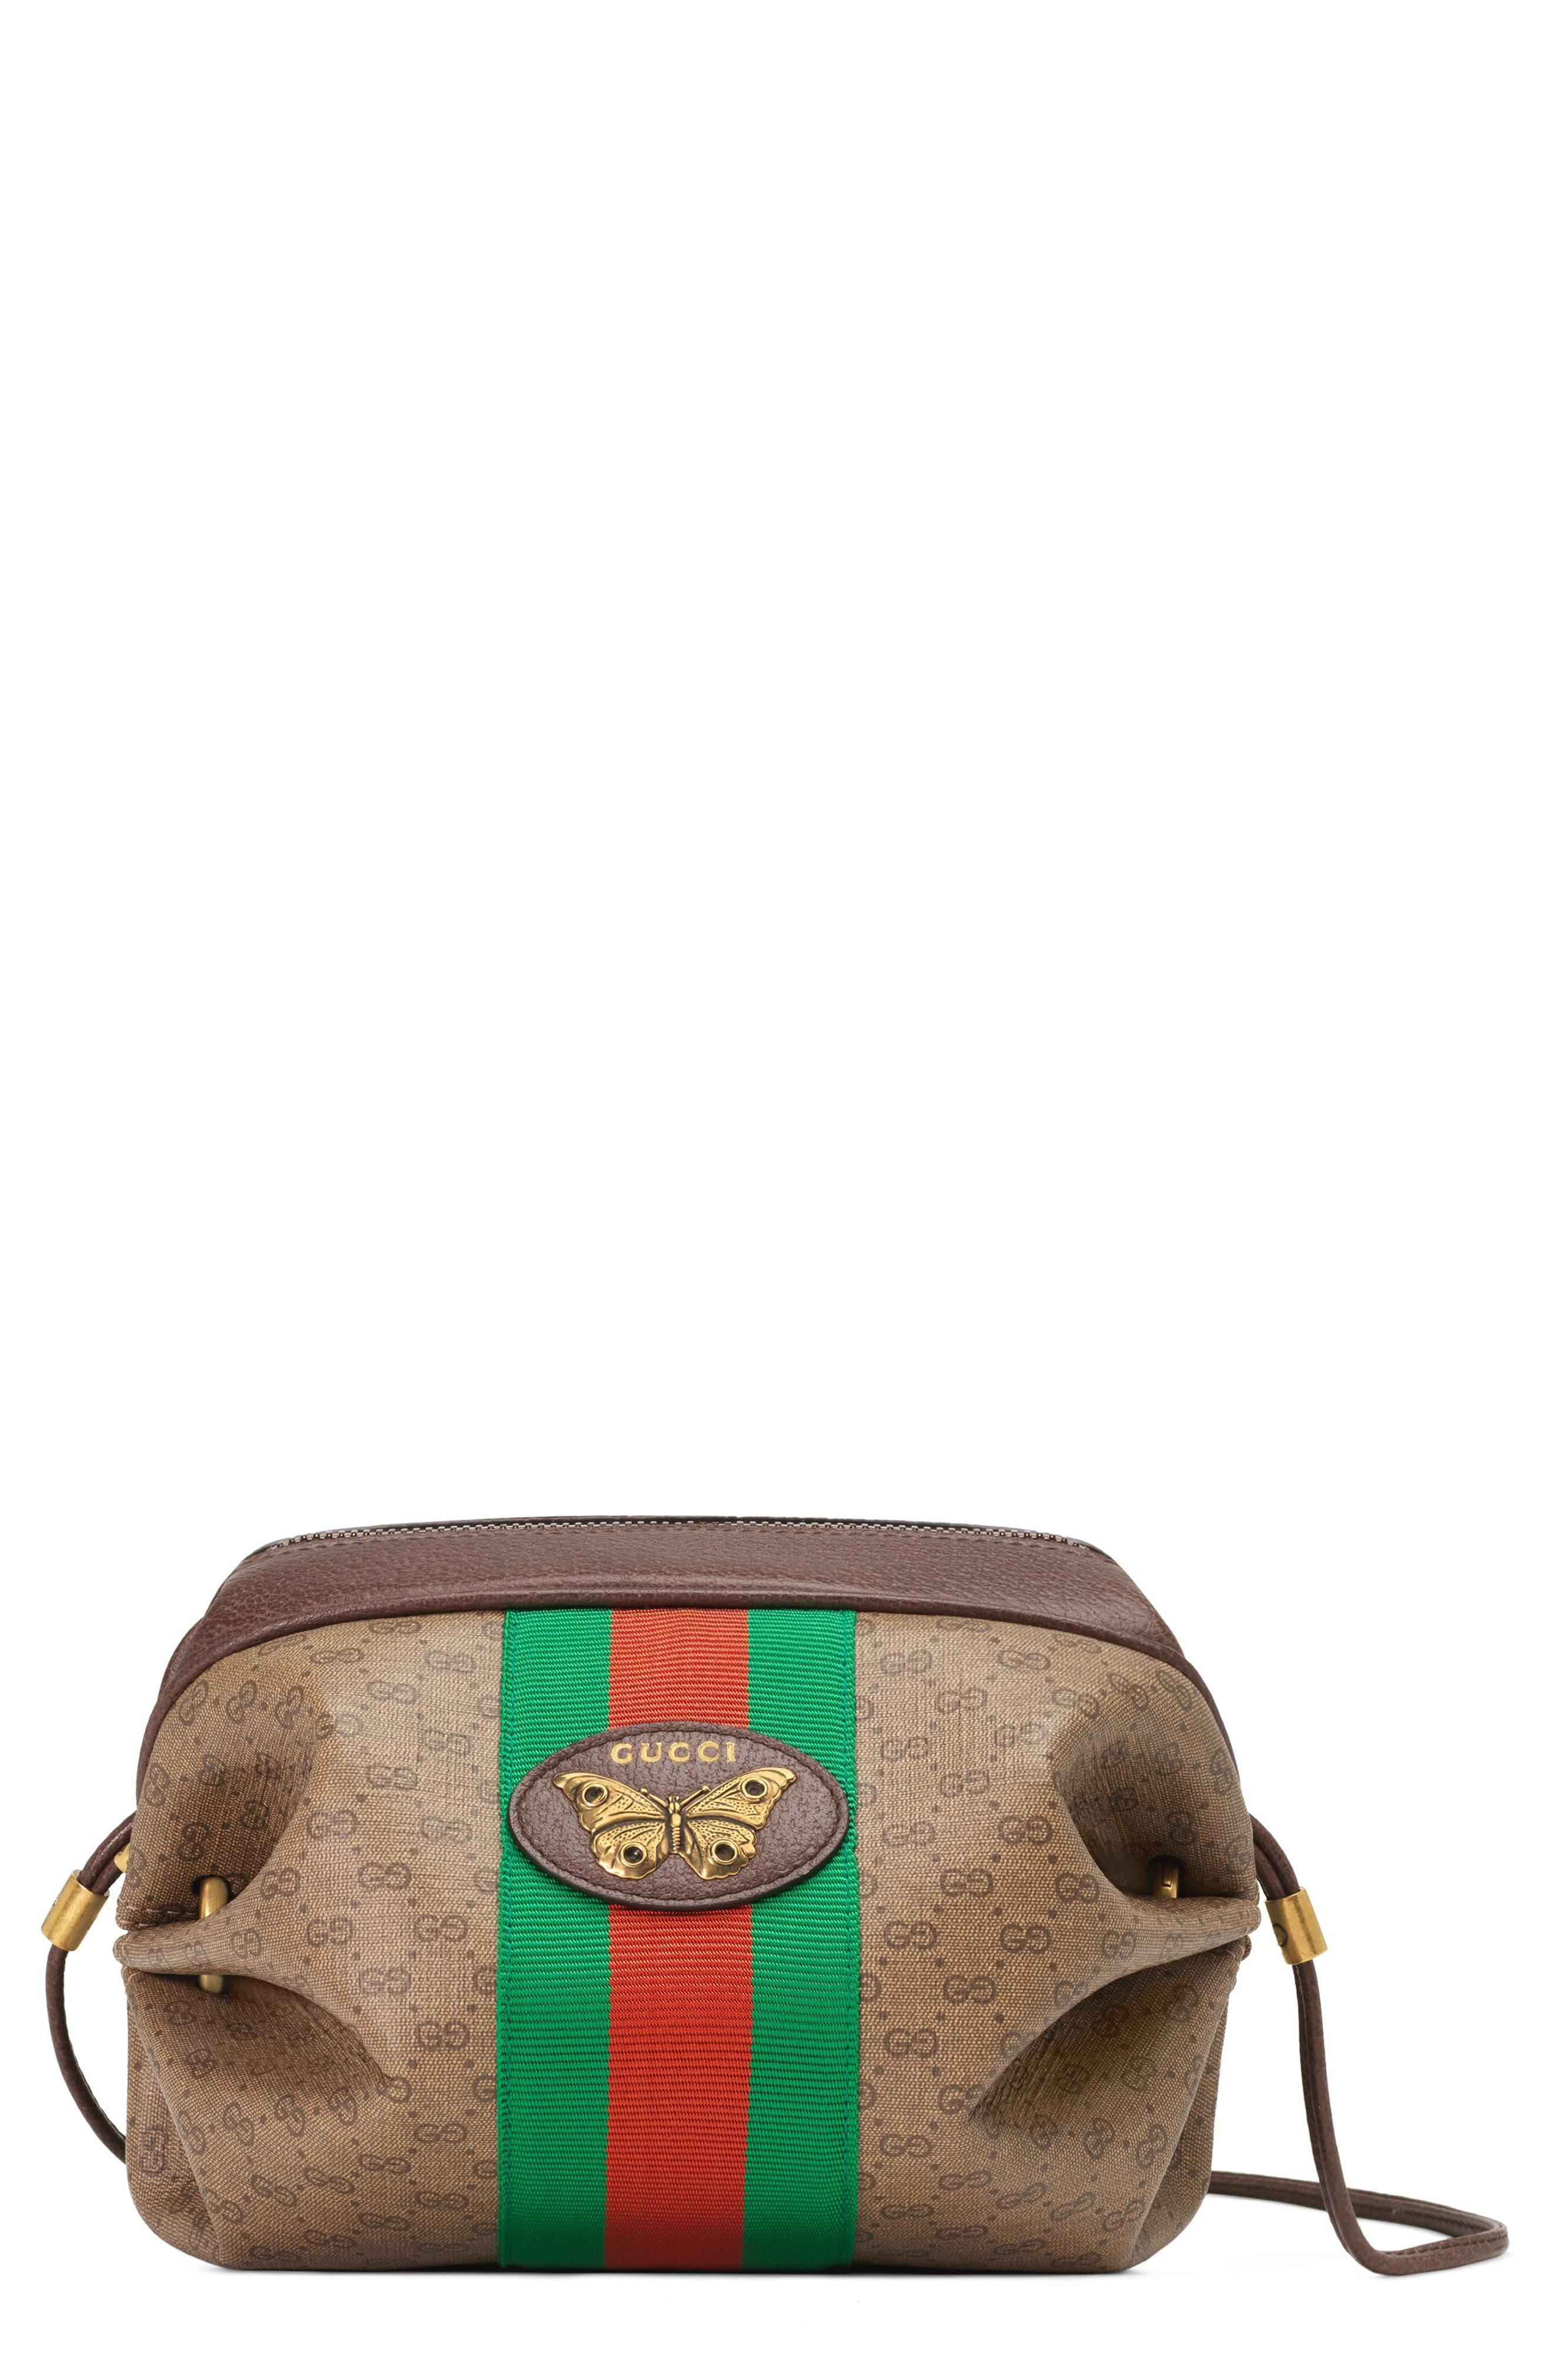 5b0e778abda4 Gucci New Candy Gg Supreme Canvas Mini Crossbody Bag - - Lyst